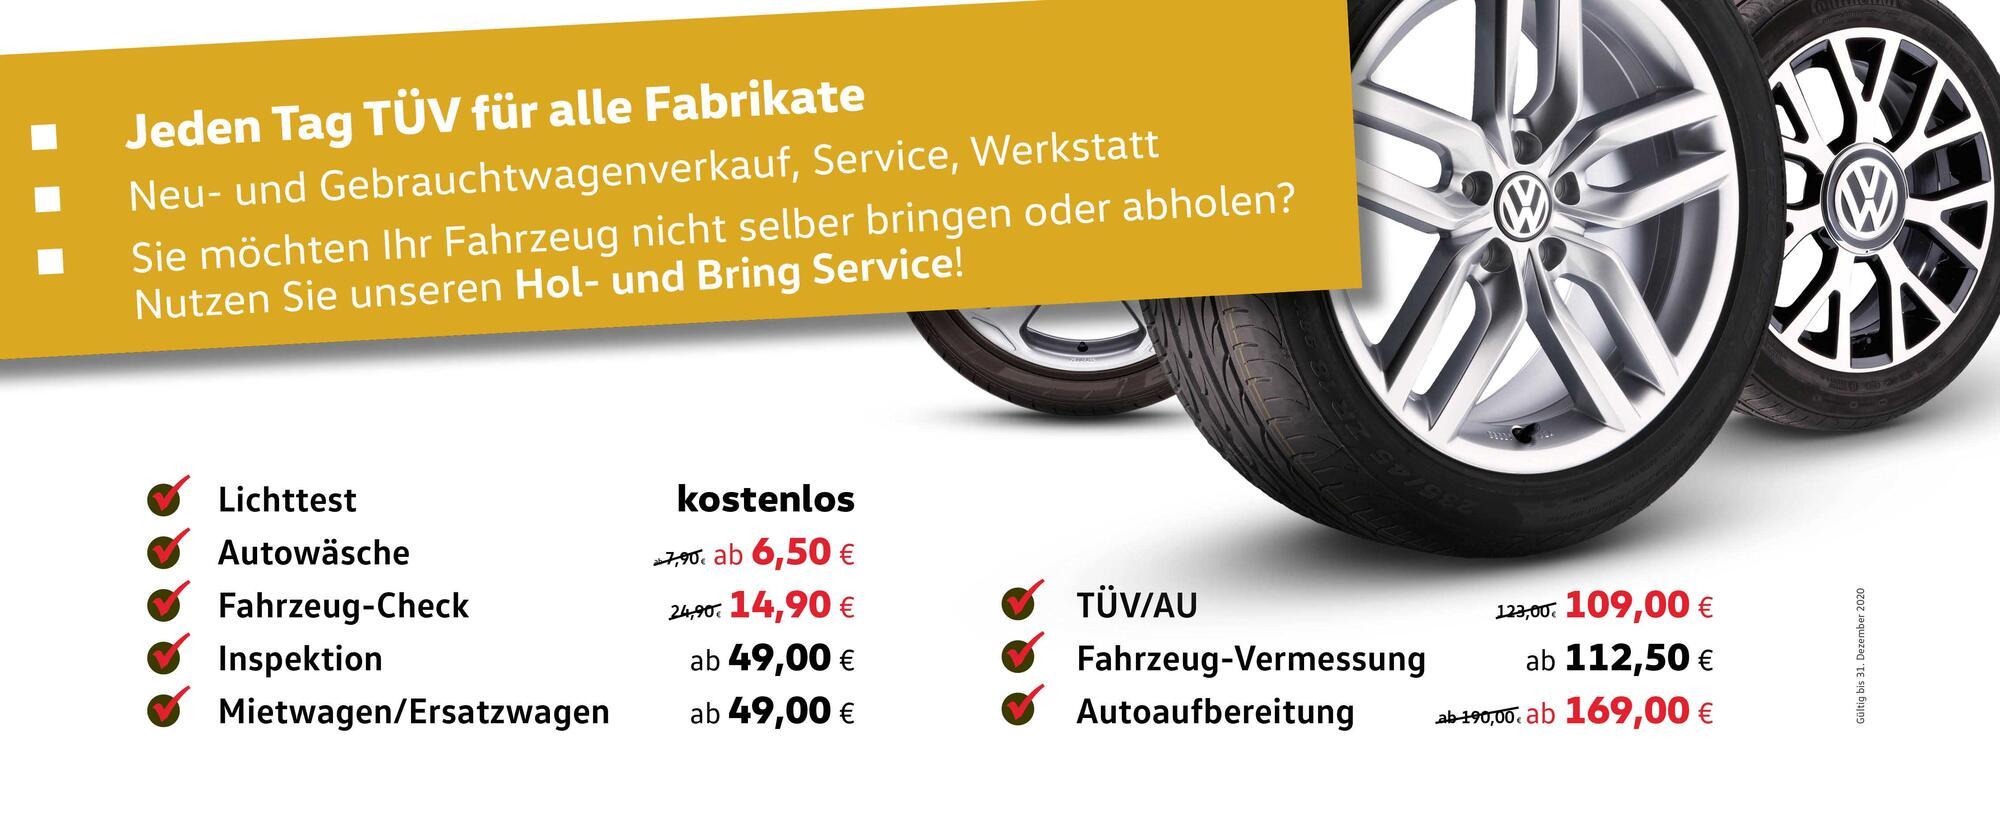 Service Angebote November/Dezember 2020